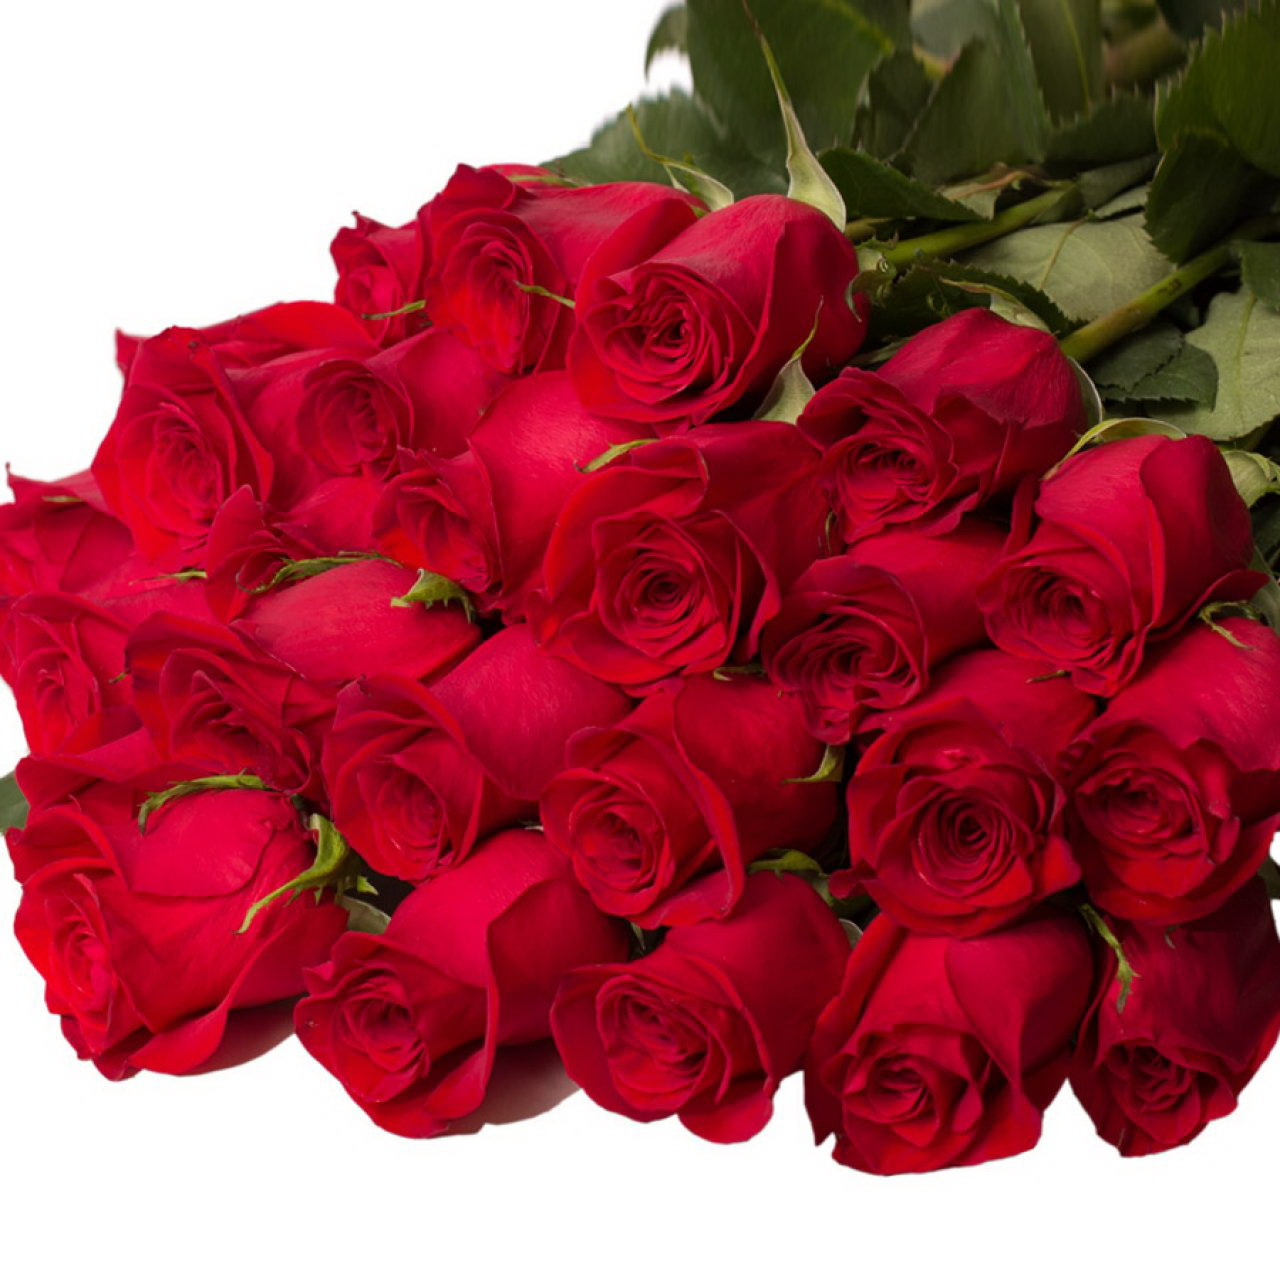 Красивые букеты роз гиф, красных роз